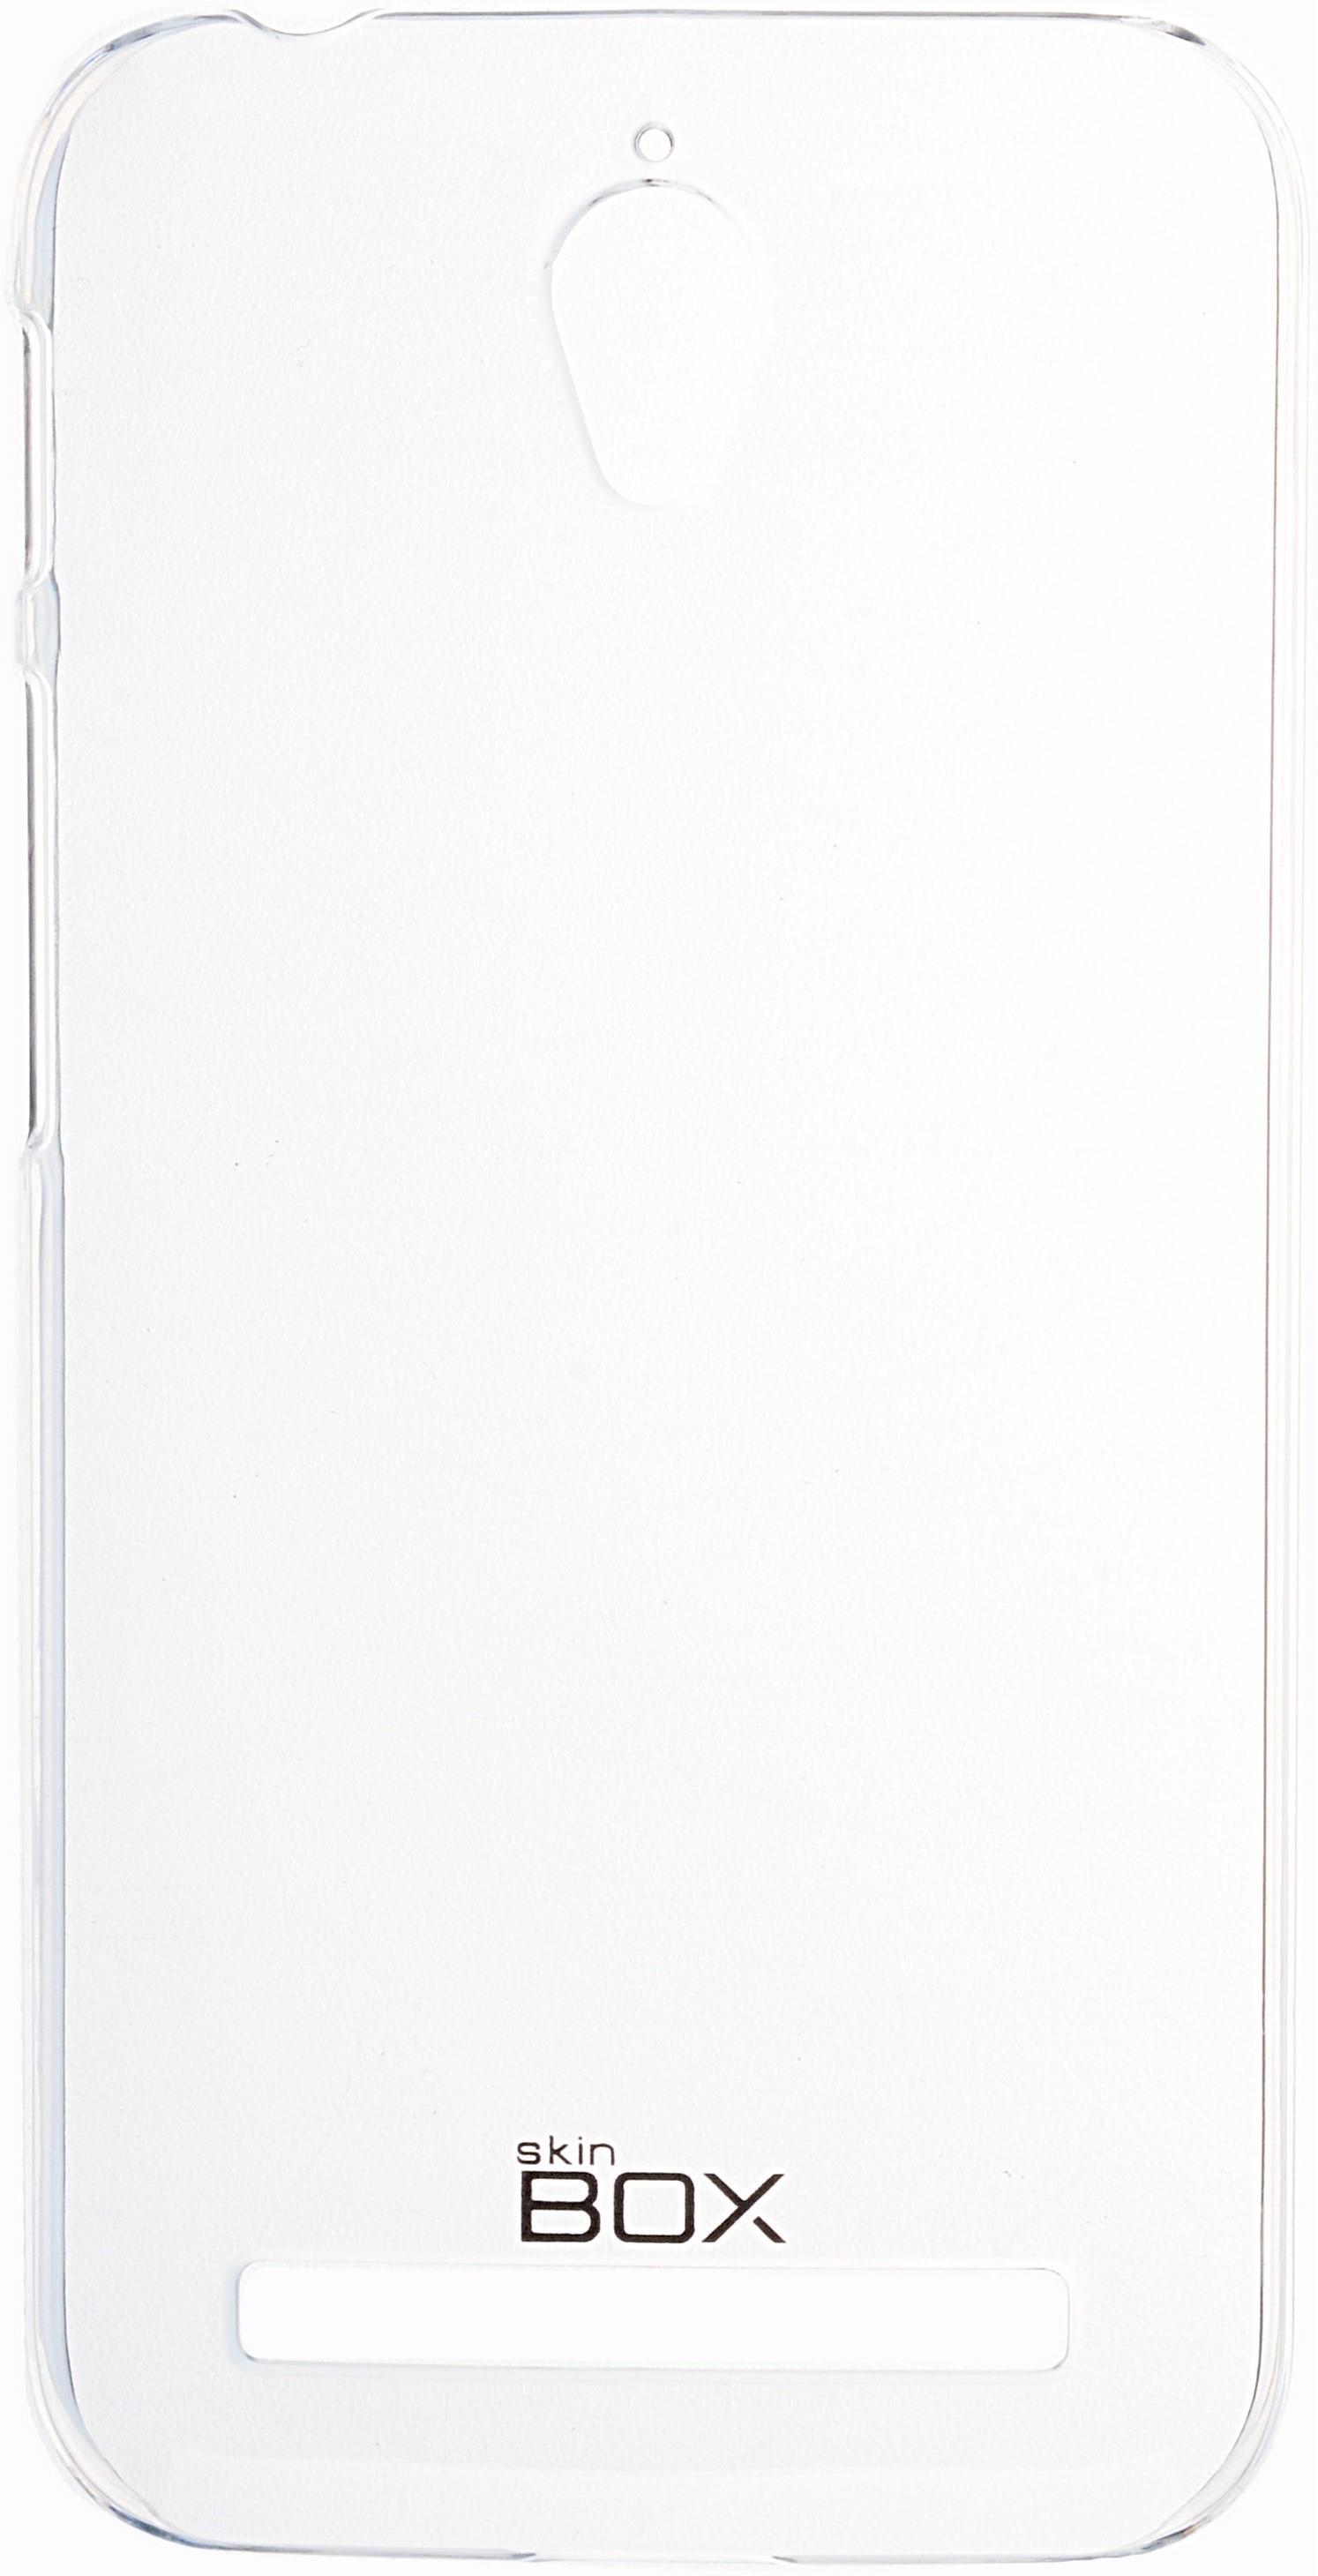 Чехол для сотового телефона skinBOX Crystal, 4630042527966, прозрачный чехол для сотового телефона skinbox crystal 4630042524620 прозрачный